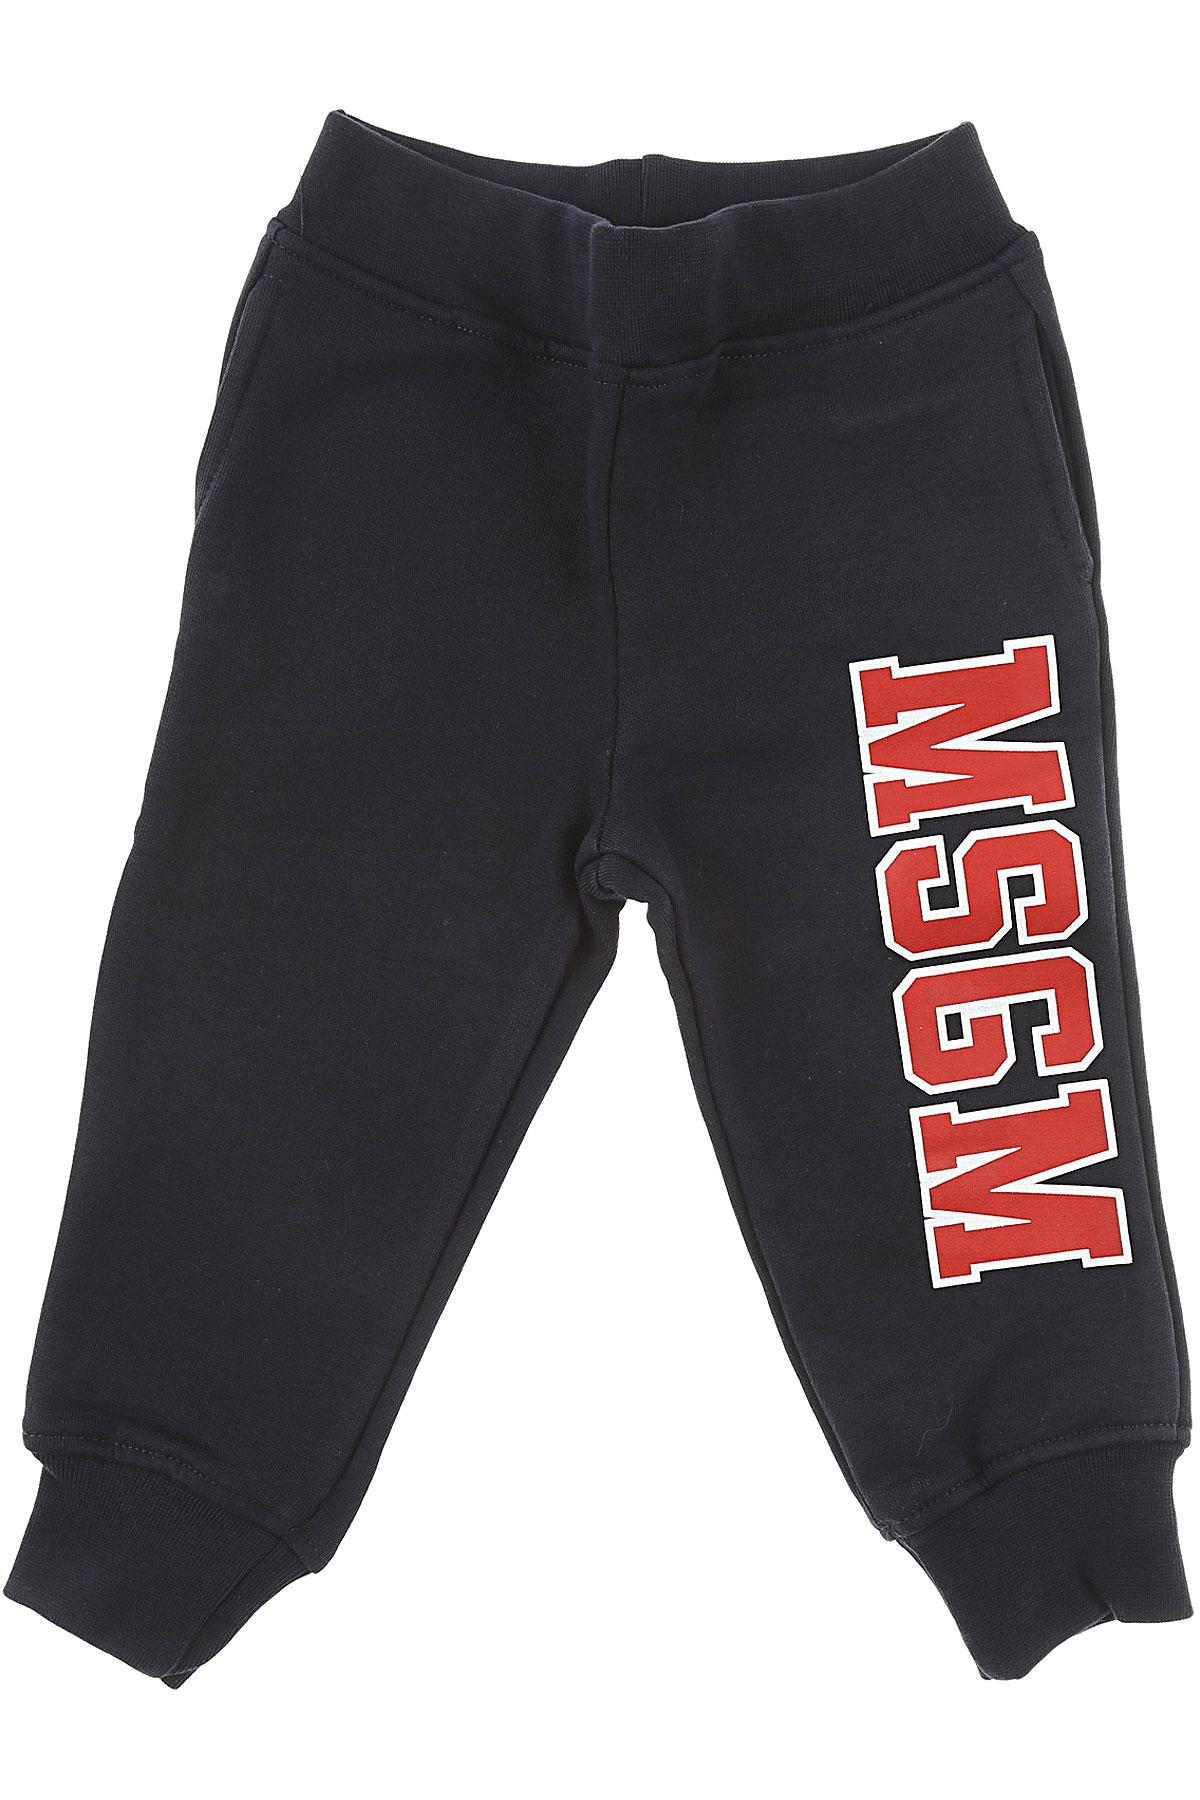 MSGM Baby Sweatpants for Boys On Sale, Black, Cotton, 2017, 12M 18M 2Y 9M